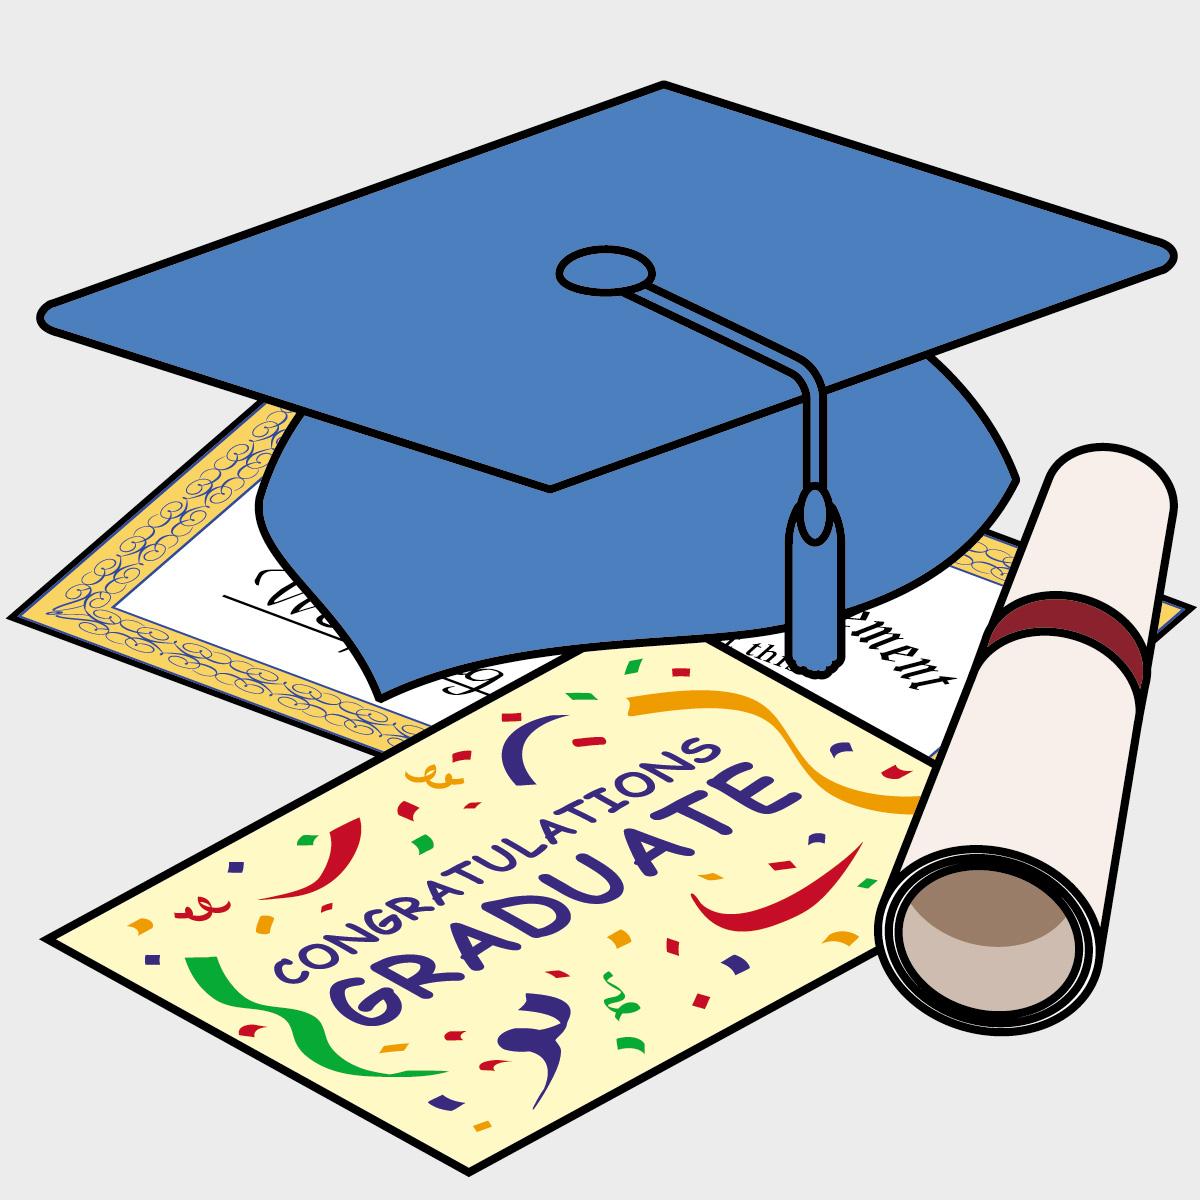 Graduation Picture Backgrounds - ClipArt Best